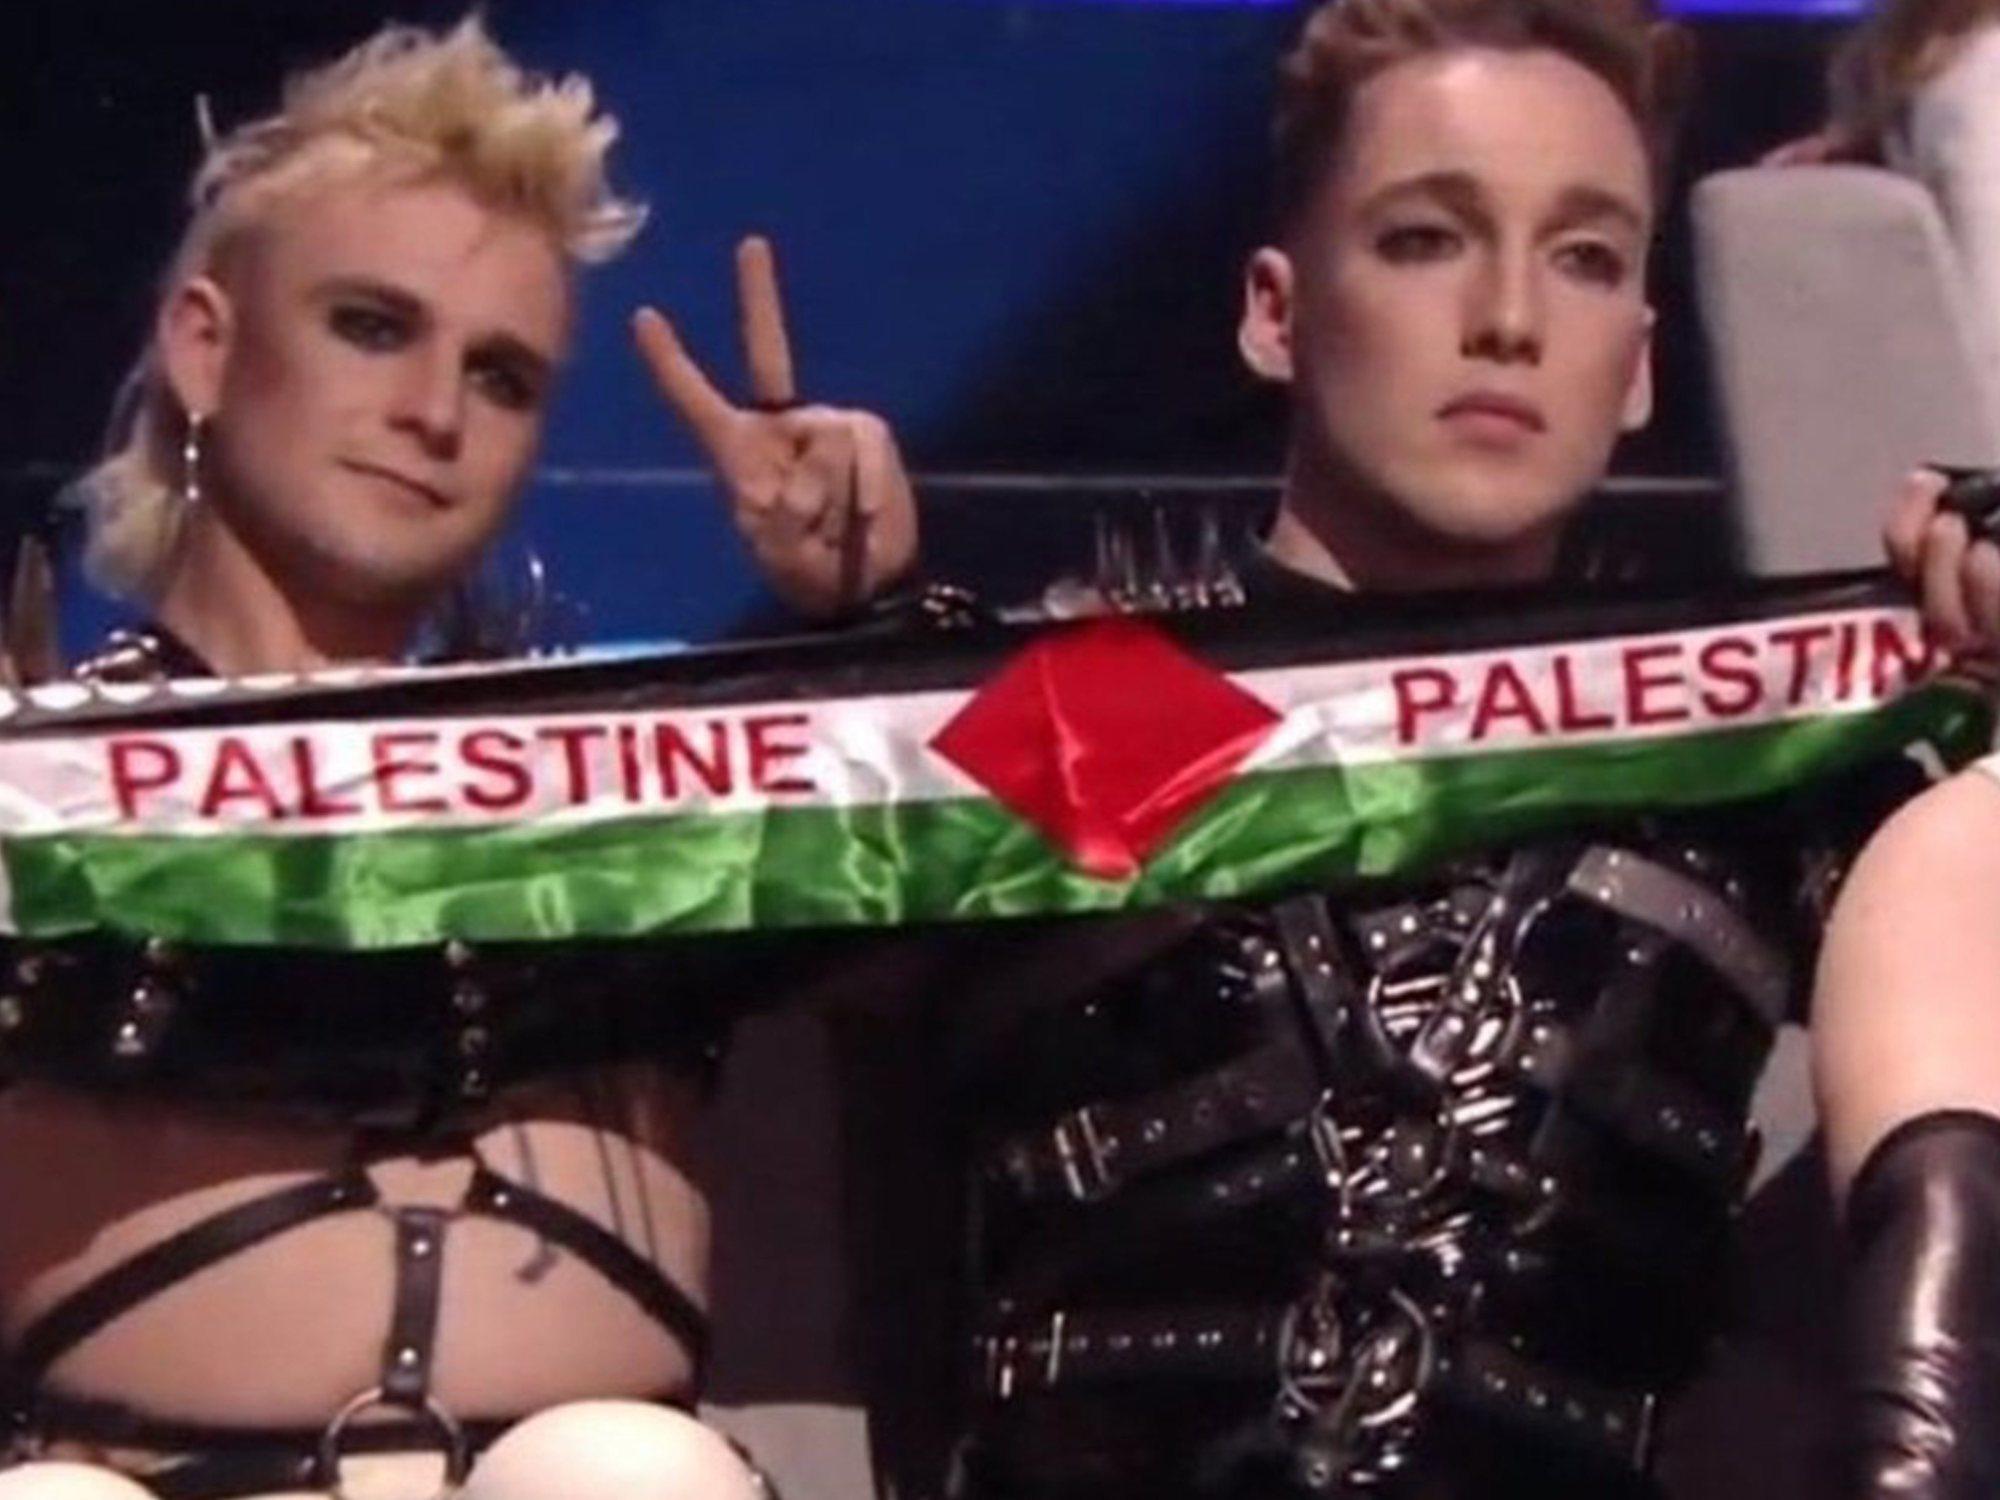 La UER sancionará a Islandia por las banderas de Palestina que Hatari ondeó en Eurovisión